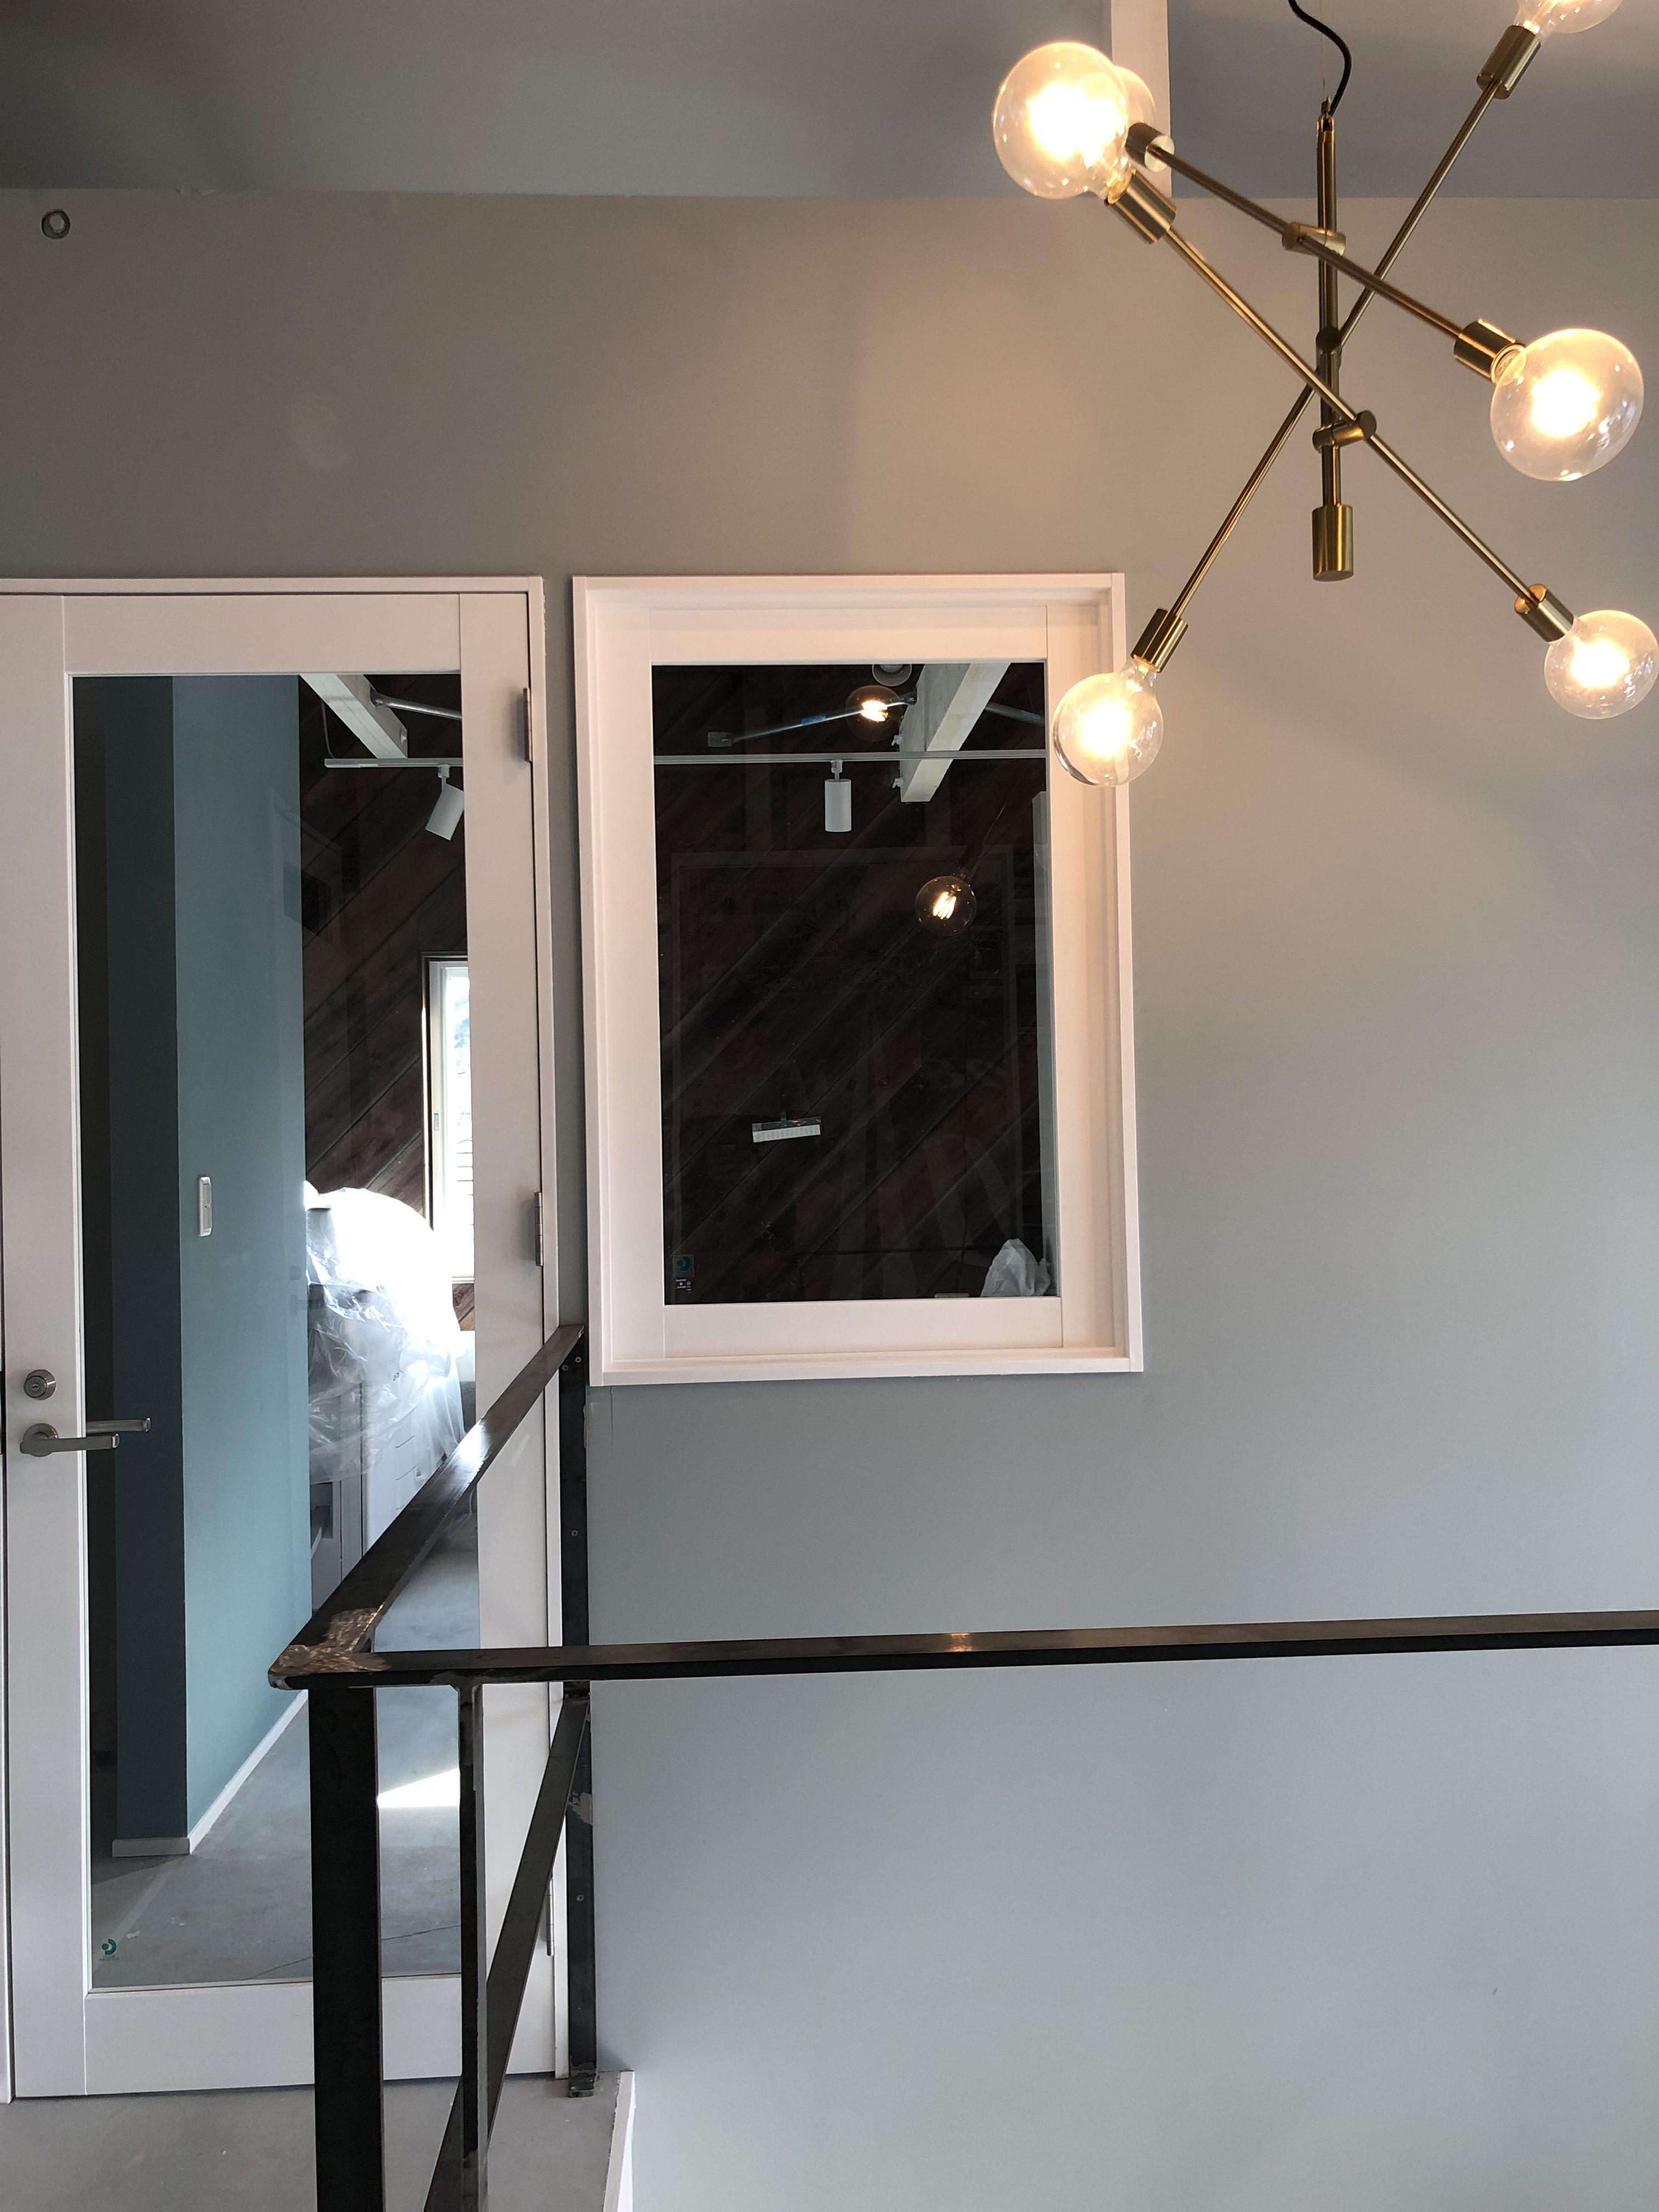 山梨県の工務店、未来建築工房とつくる注文住宅。|スタジオへ引っ越し